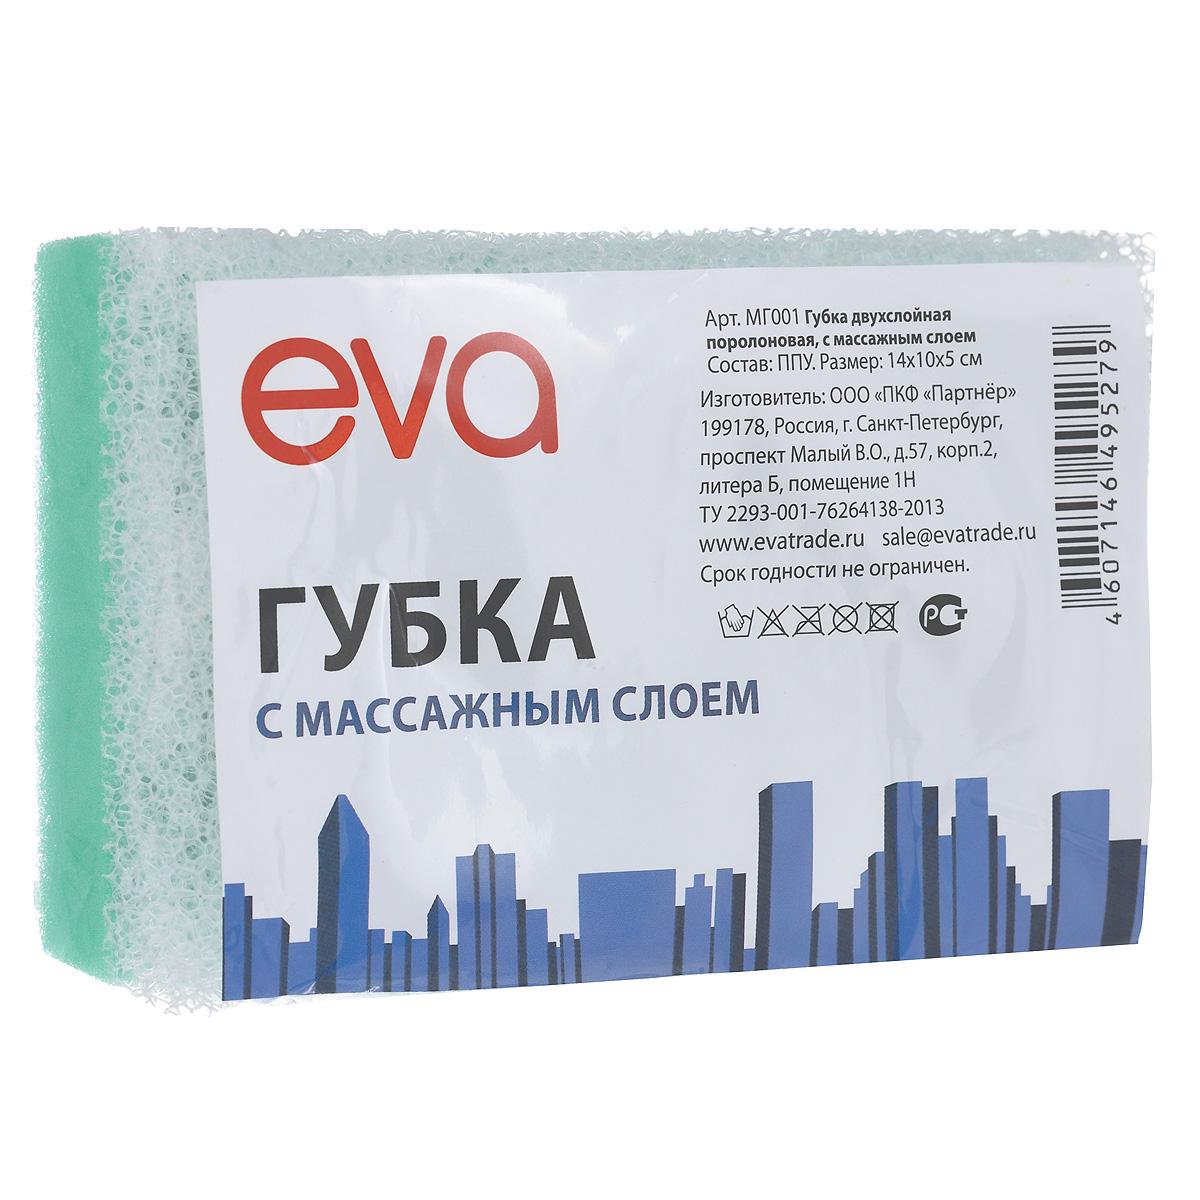 Губка для тела Eva, с массажным слоем, цвет: зеленыйМГ001_зеленыйГубка для тела Eva изготовлена из пенополиуретана и оснащена массажным слоем. Губку можно использовать в ванной, в бане или в сауне. Она улучшает циркуляцию крови и обмен веществ, делает кожу здоровой и красивой.Подходит для ежедневного применения.